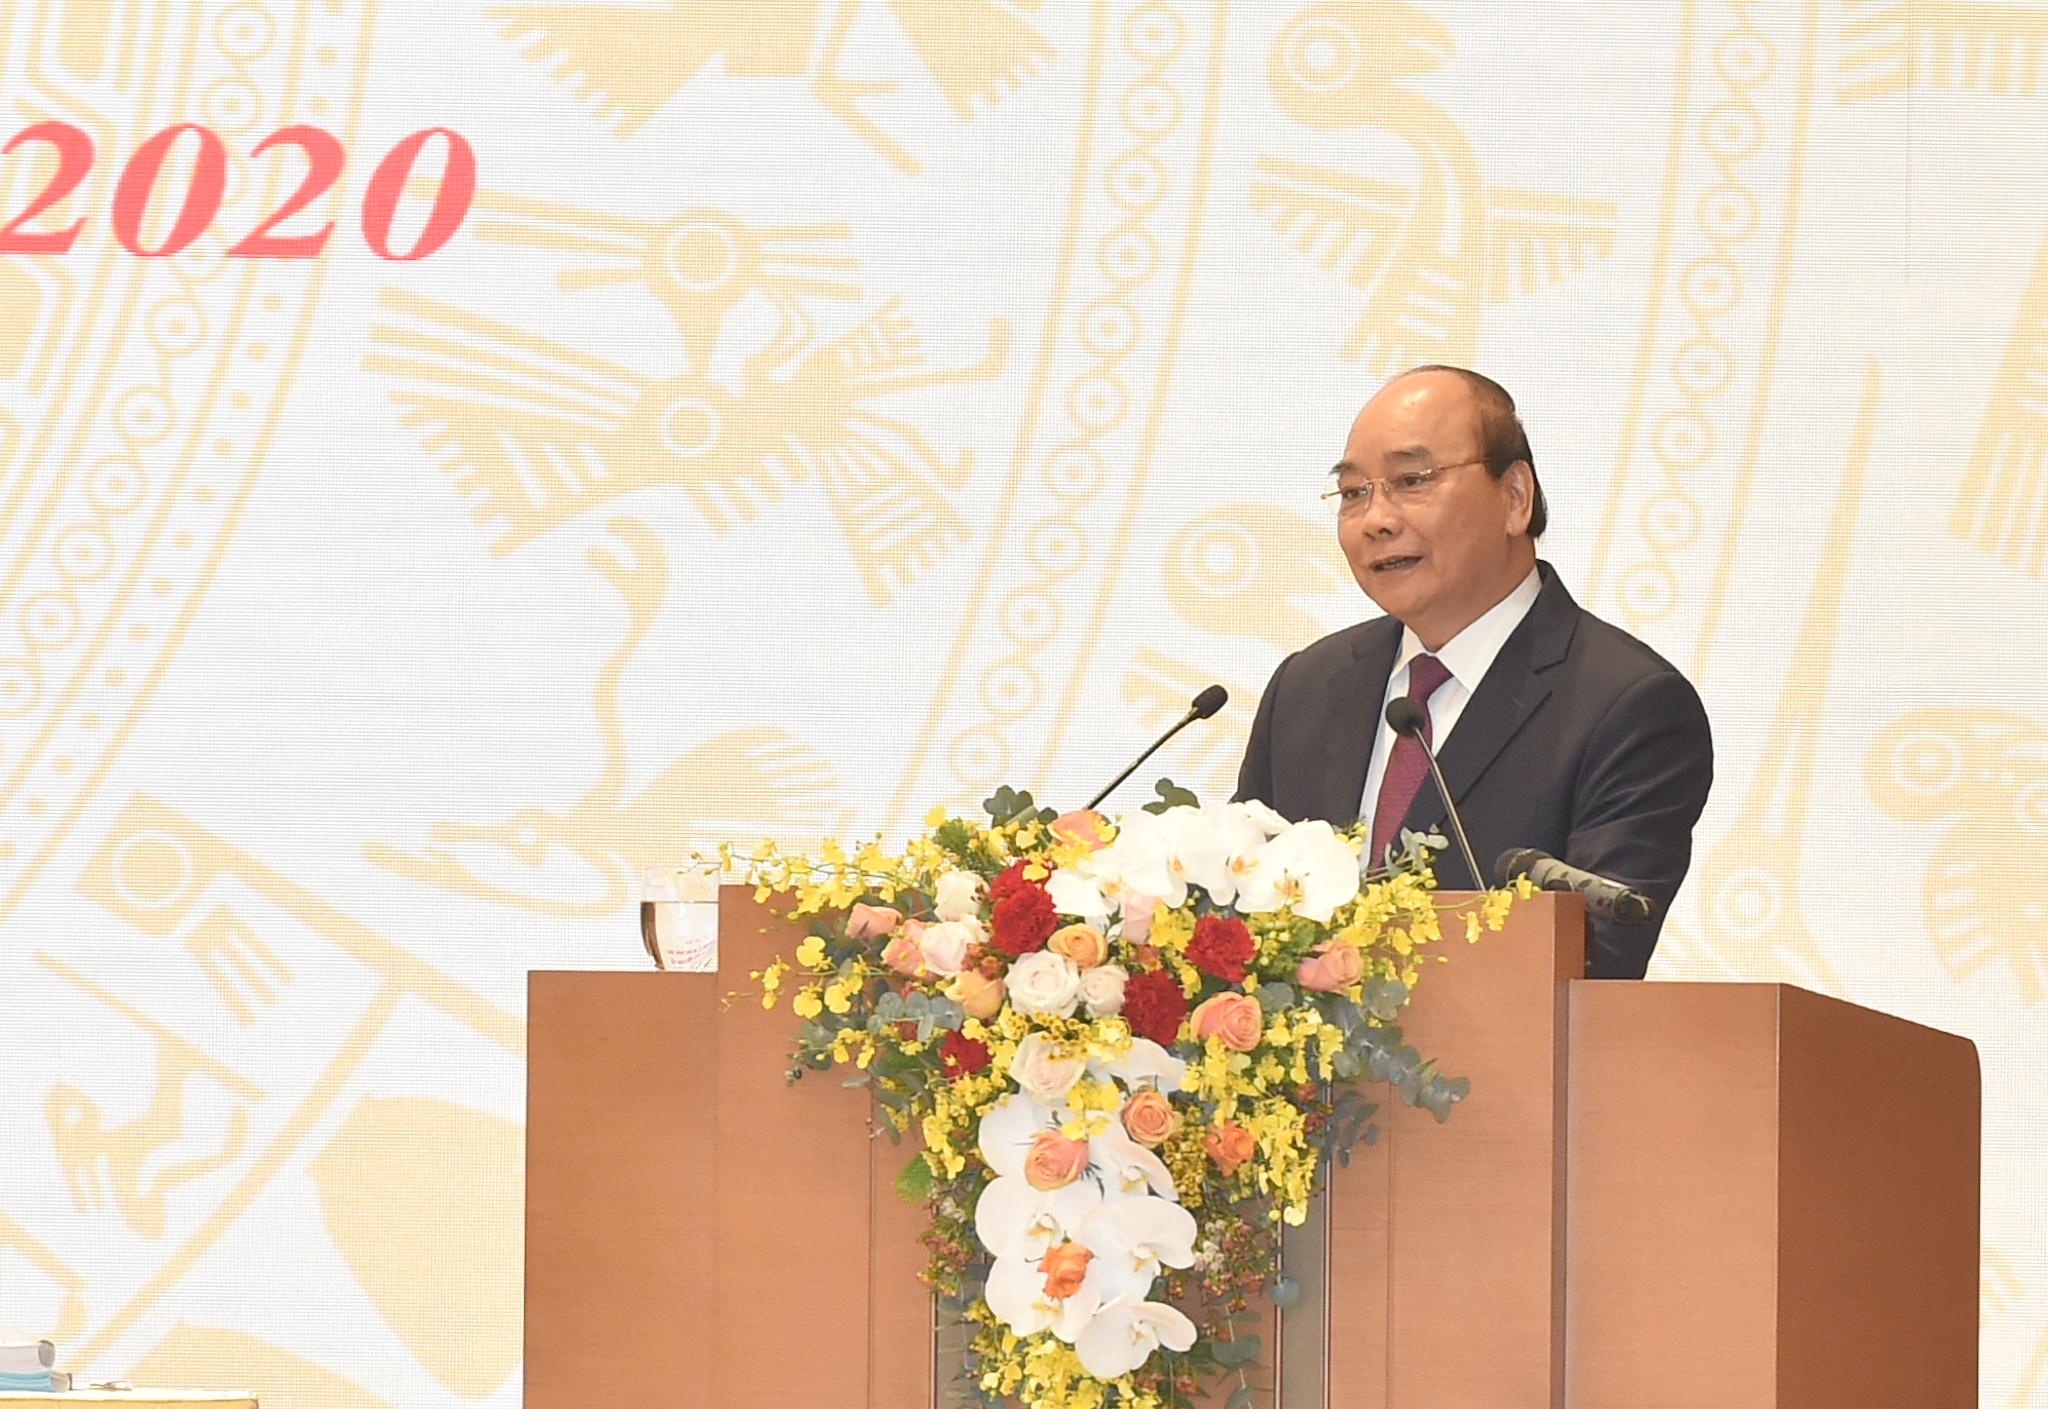 Chính phủ đặt mục tiêu tăng trưởng GDP năm 2021 là 6,5% - Ảnh 1.